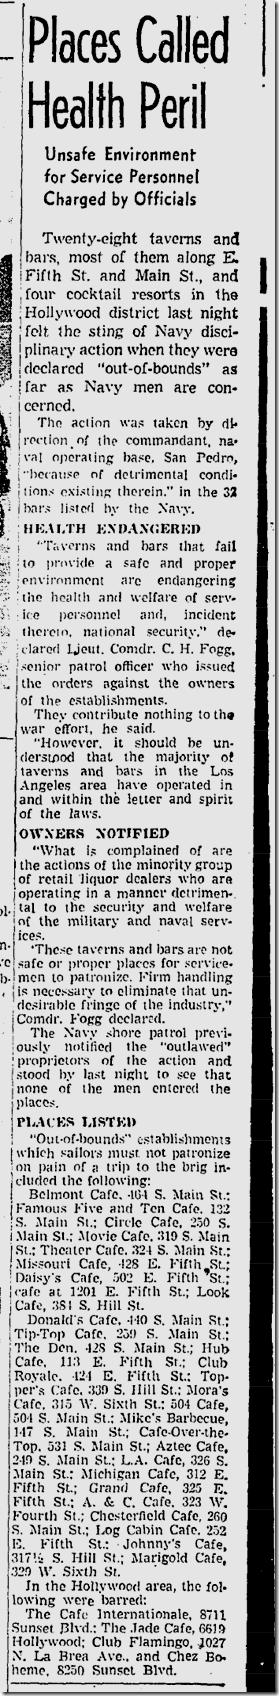 June 7, 1942, Off Limits